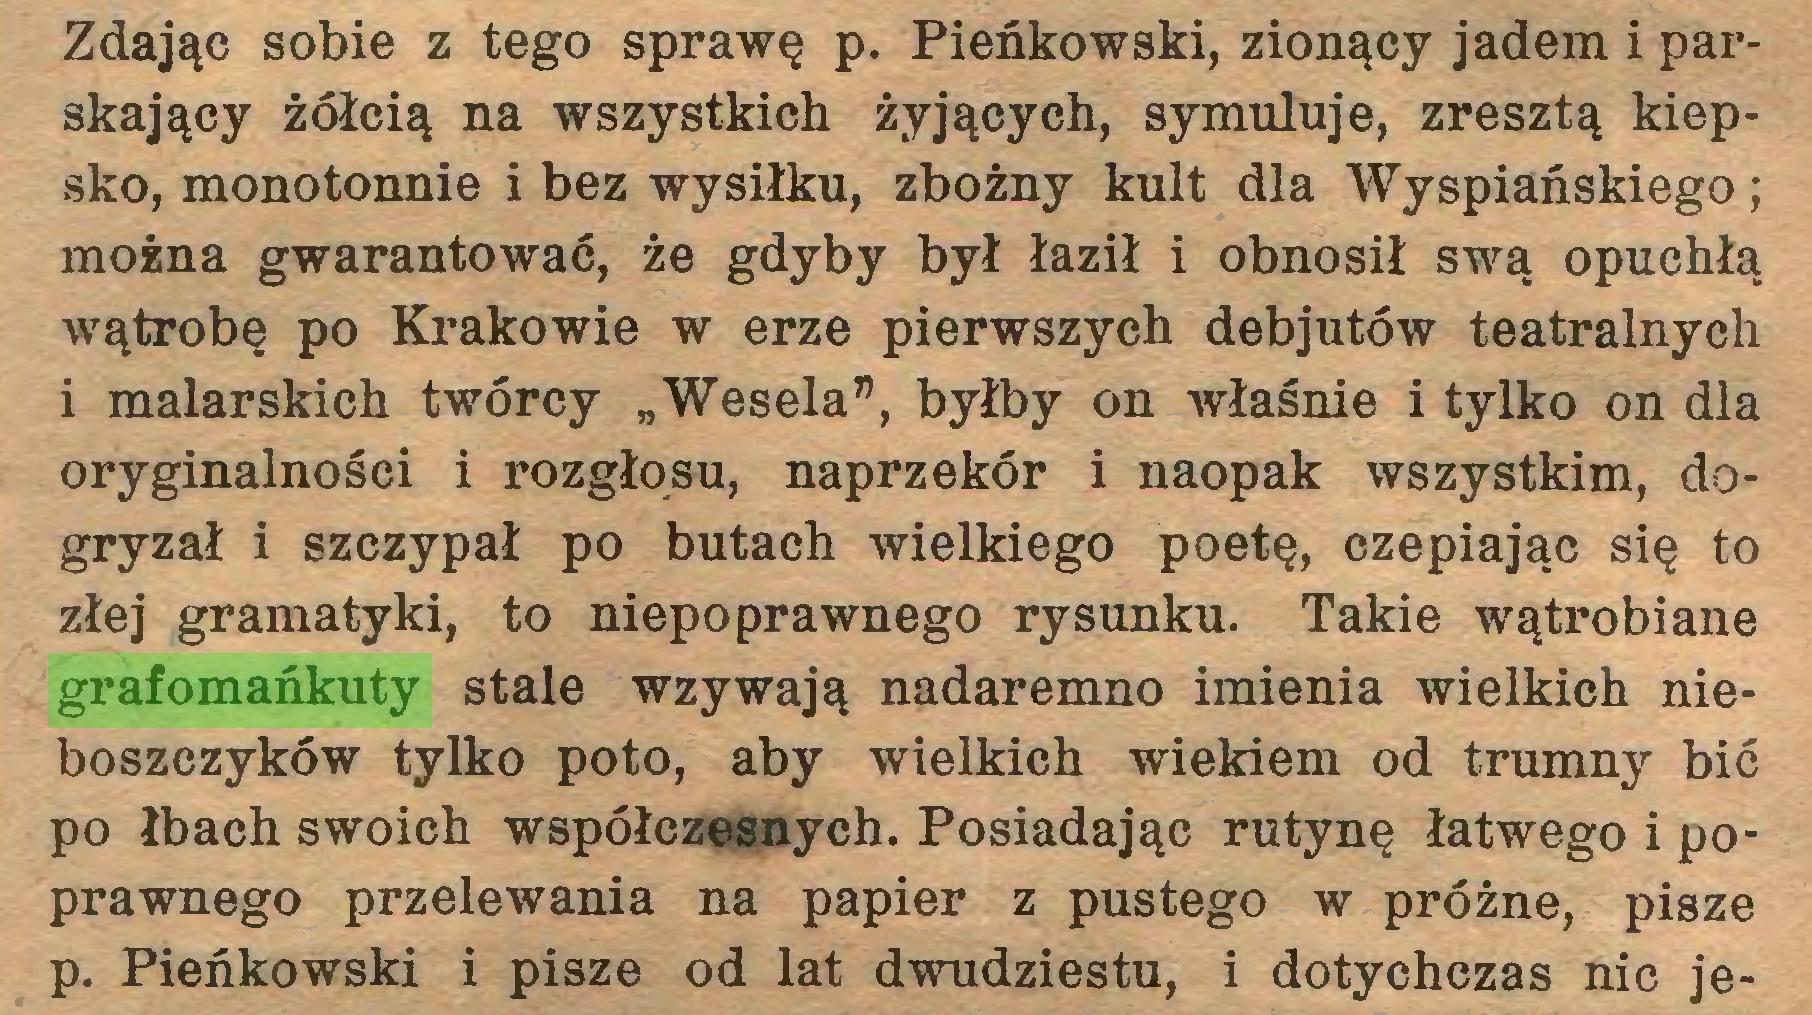 """(...) Zdając sobie z tego sprawę p. Pieńkowski, zionący jadem i parskający żółcią na wszystkich żyjących, symuluje, zresztą kiepsko, monotonnie i bez wysiłku, zbożny kult dla Wyspiańskiego; można gwarantować, że gdyby był łaził i obnosił swą opuchłą wątrobę po Krakowie w erze pierwszych debjutów teatralnych i malarskich twórcy """"Wesela"""", byłby on właśnie i tylko on dla oryginalności i rozgłosu, naprzekór i naopak wszystkim, dogryzał i szczypał po butach wielkiego poetę, czepiając się to złej gramatyki, to niepoprawnego rysunku. Takie wątrobiane grafomańkuty stale wzywają nadaremno imienia wielkich nieboszczyków tylko poto, aby wielkich wiekiem od trumny bić po łbach swoich współczesnych. Posiadając rutynę łatwego i poprawnego przelewania na papier z pustego w próżne, pisze p. Pieńkowski i pisze od lat dwudziestu, i dotychczas nic je..."""